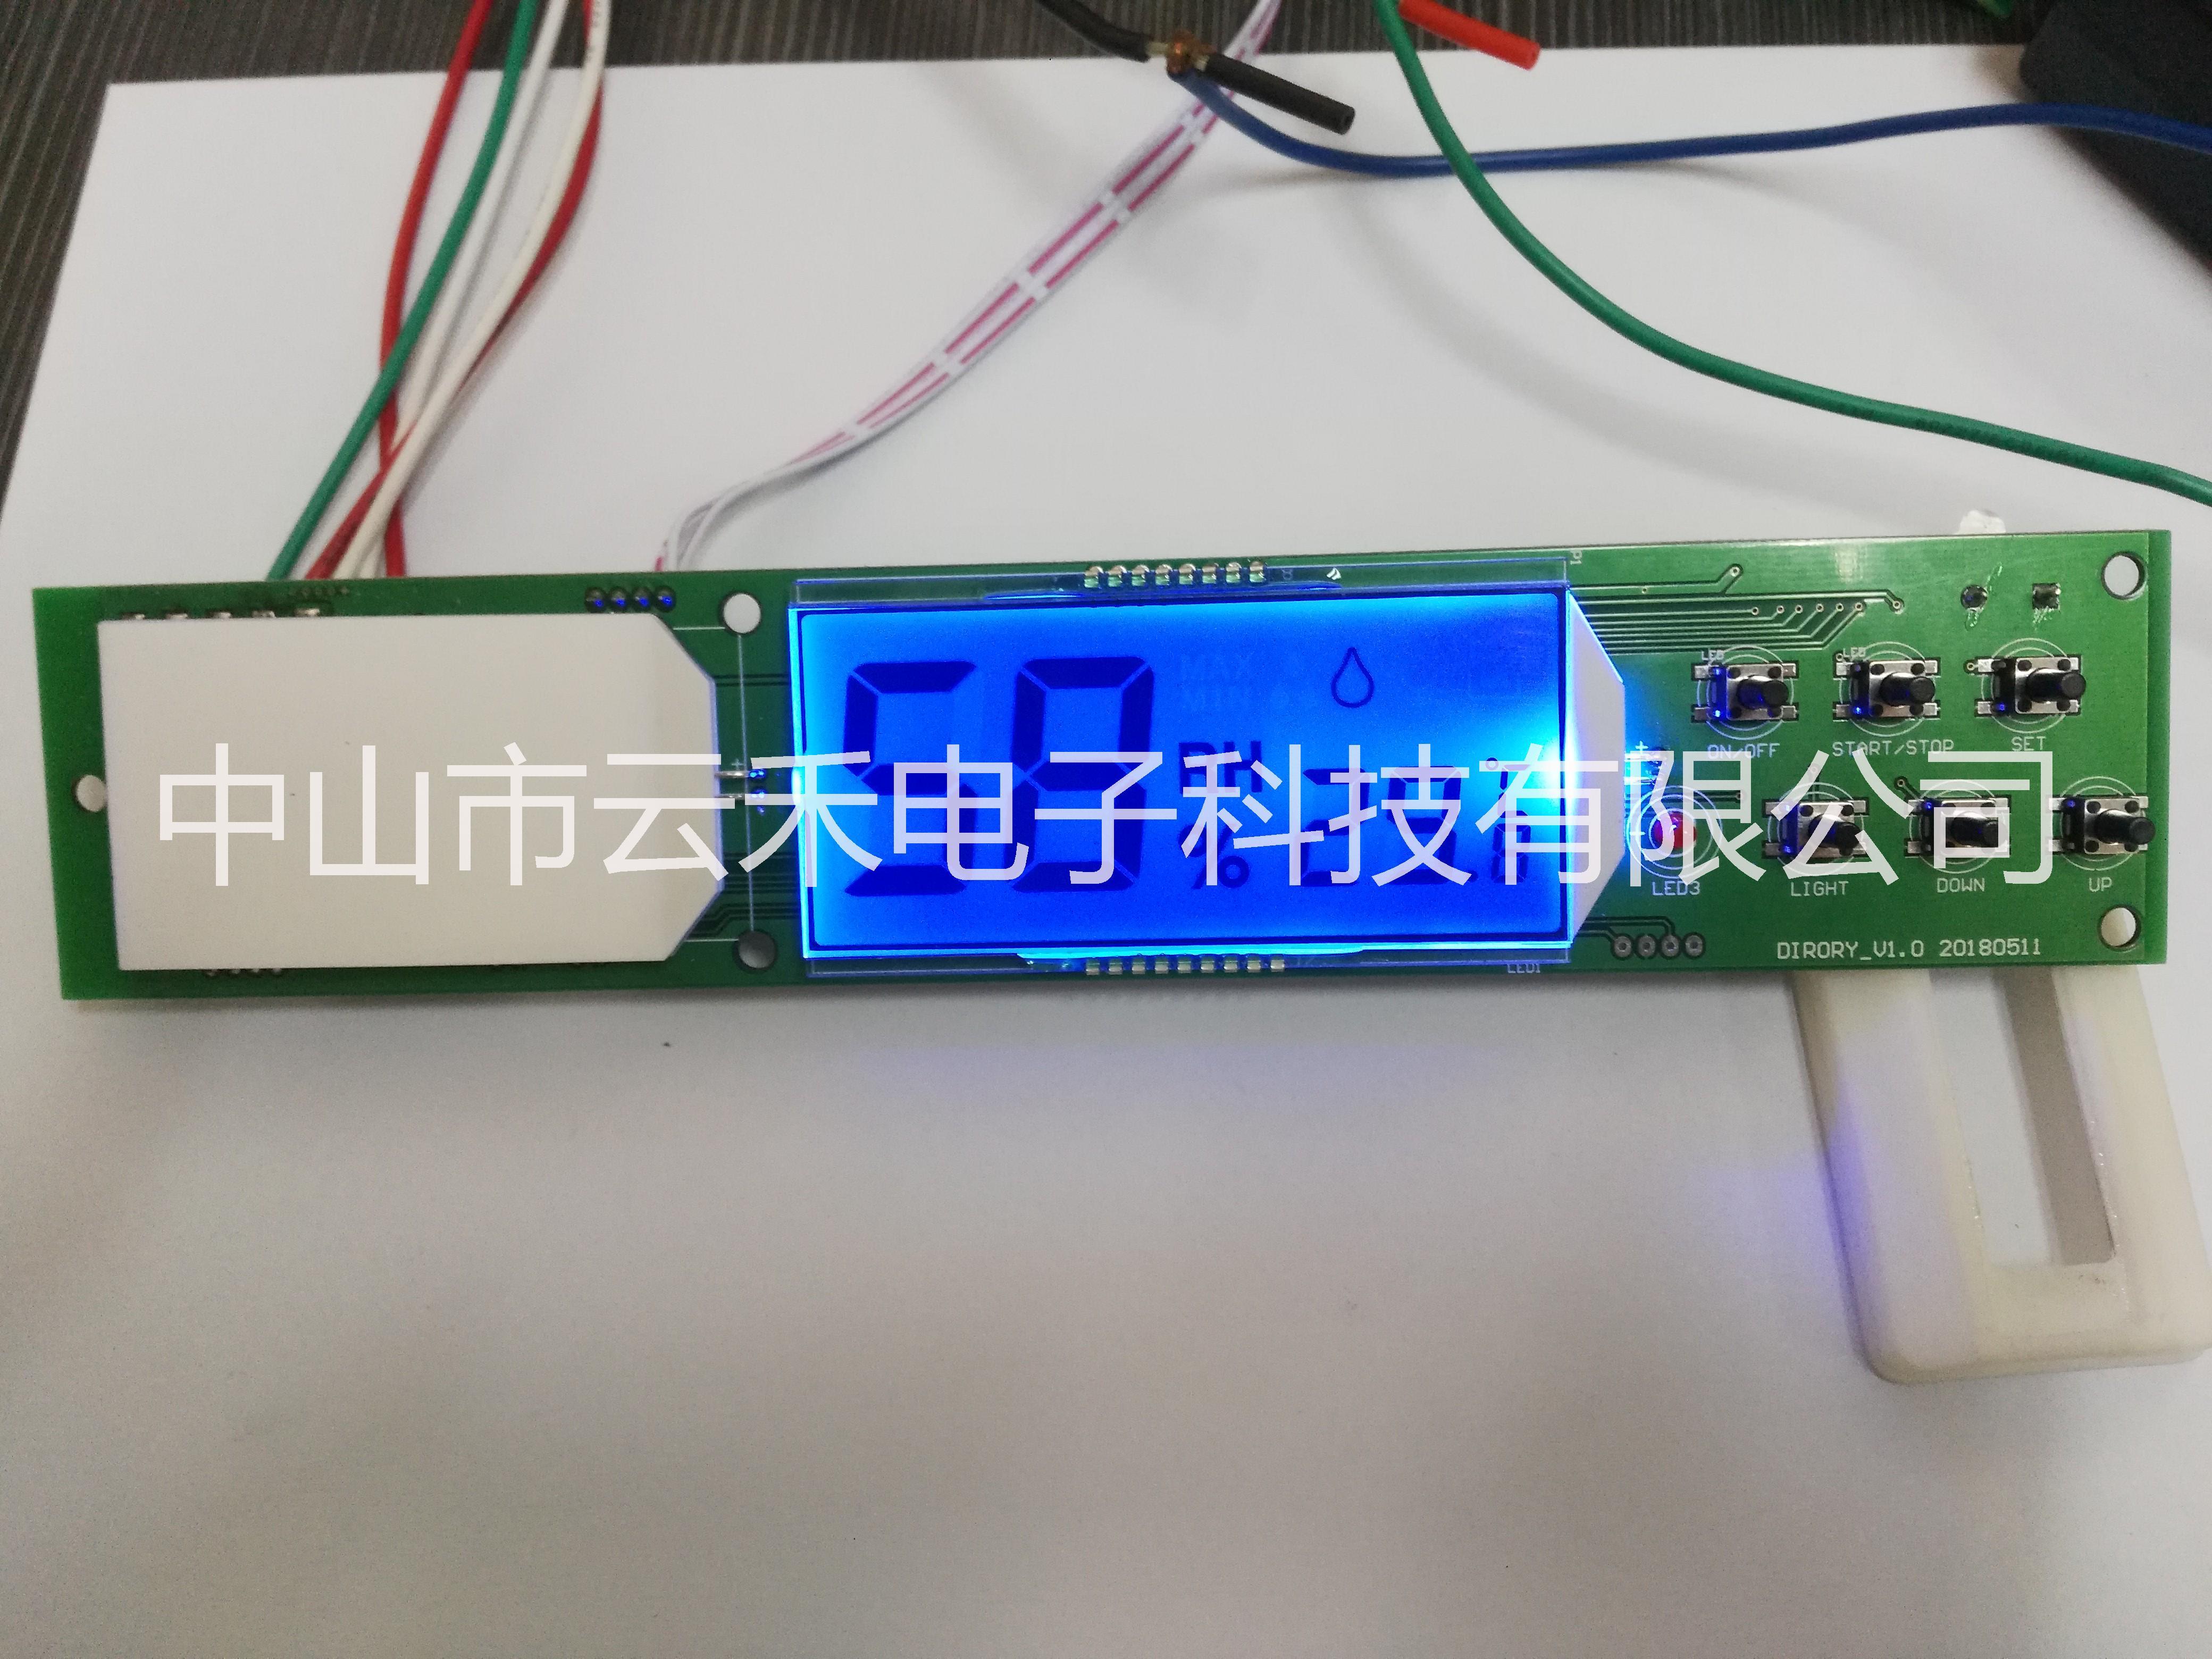 供应恒湿度控制板厂家直销|防潮柜控制板价格范围|恒湿度控制板哪家好